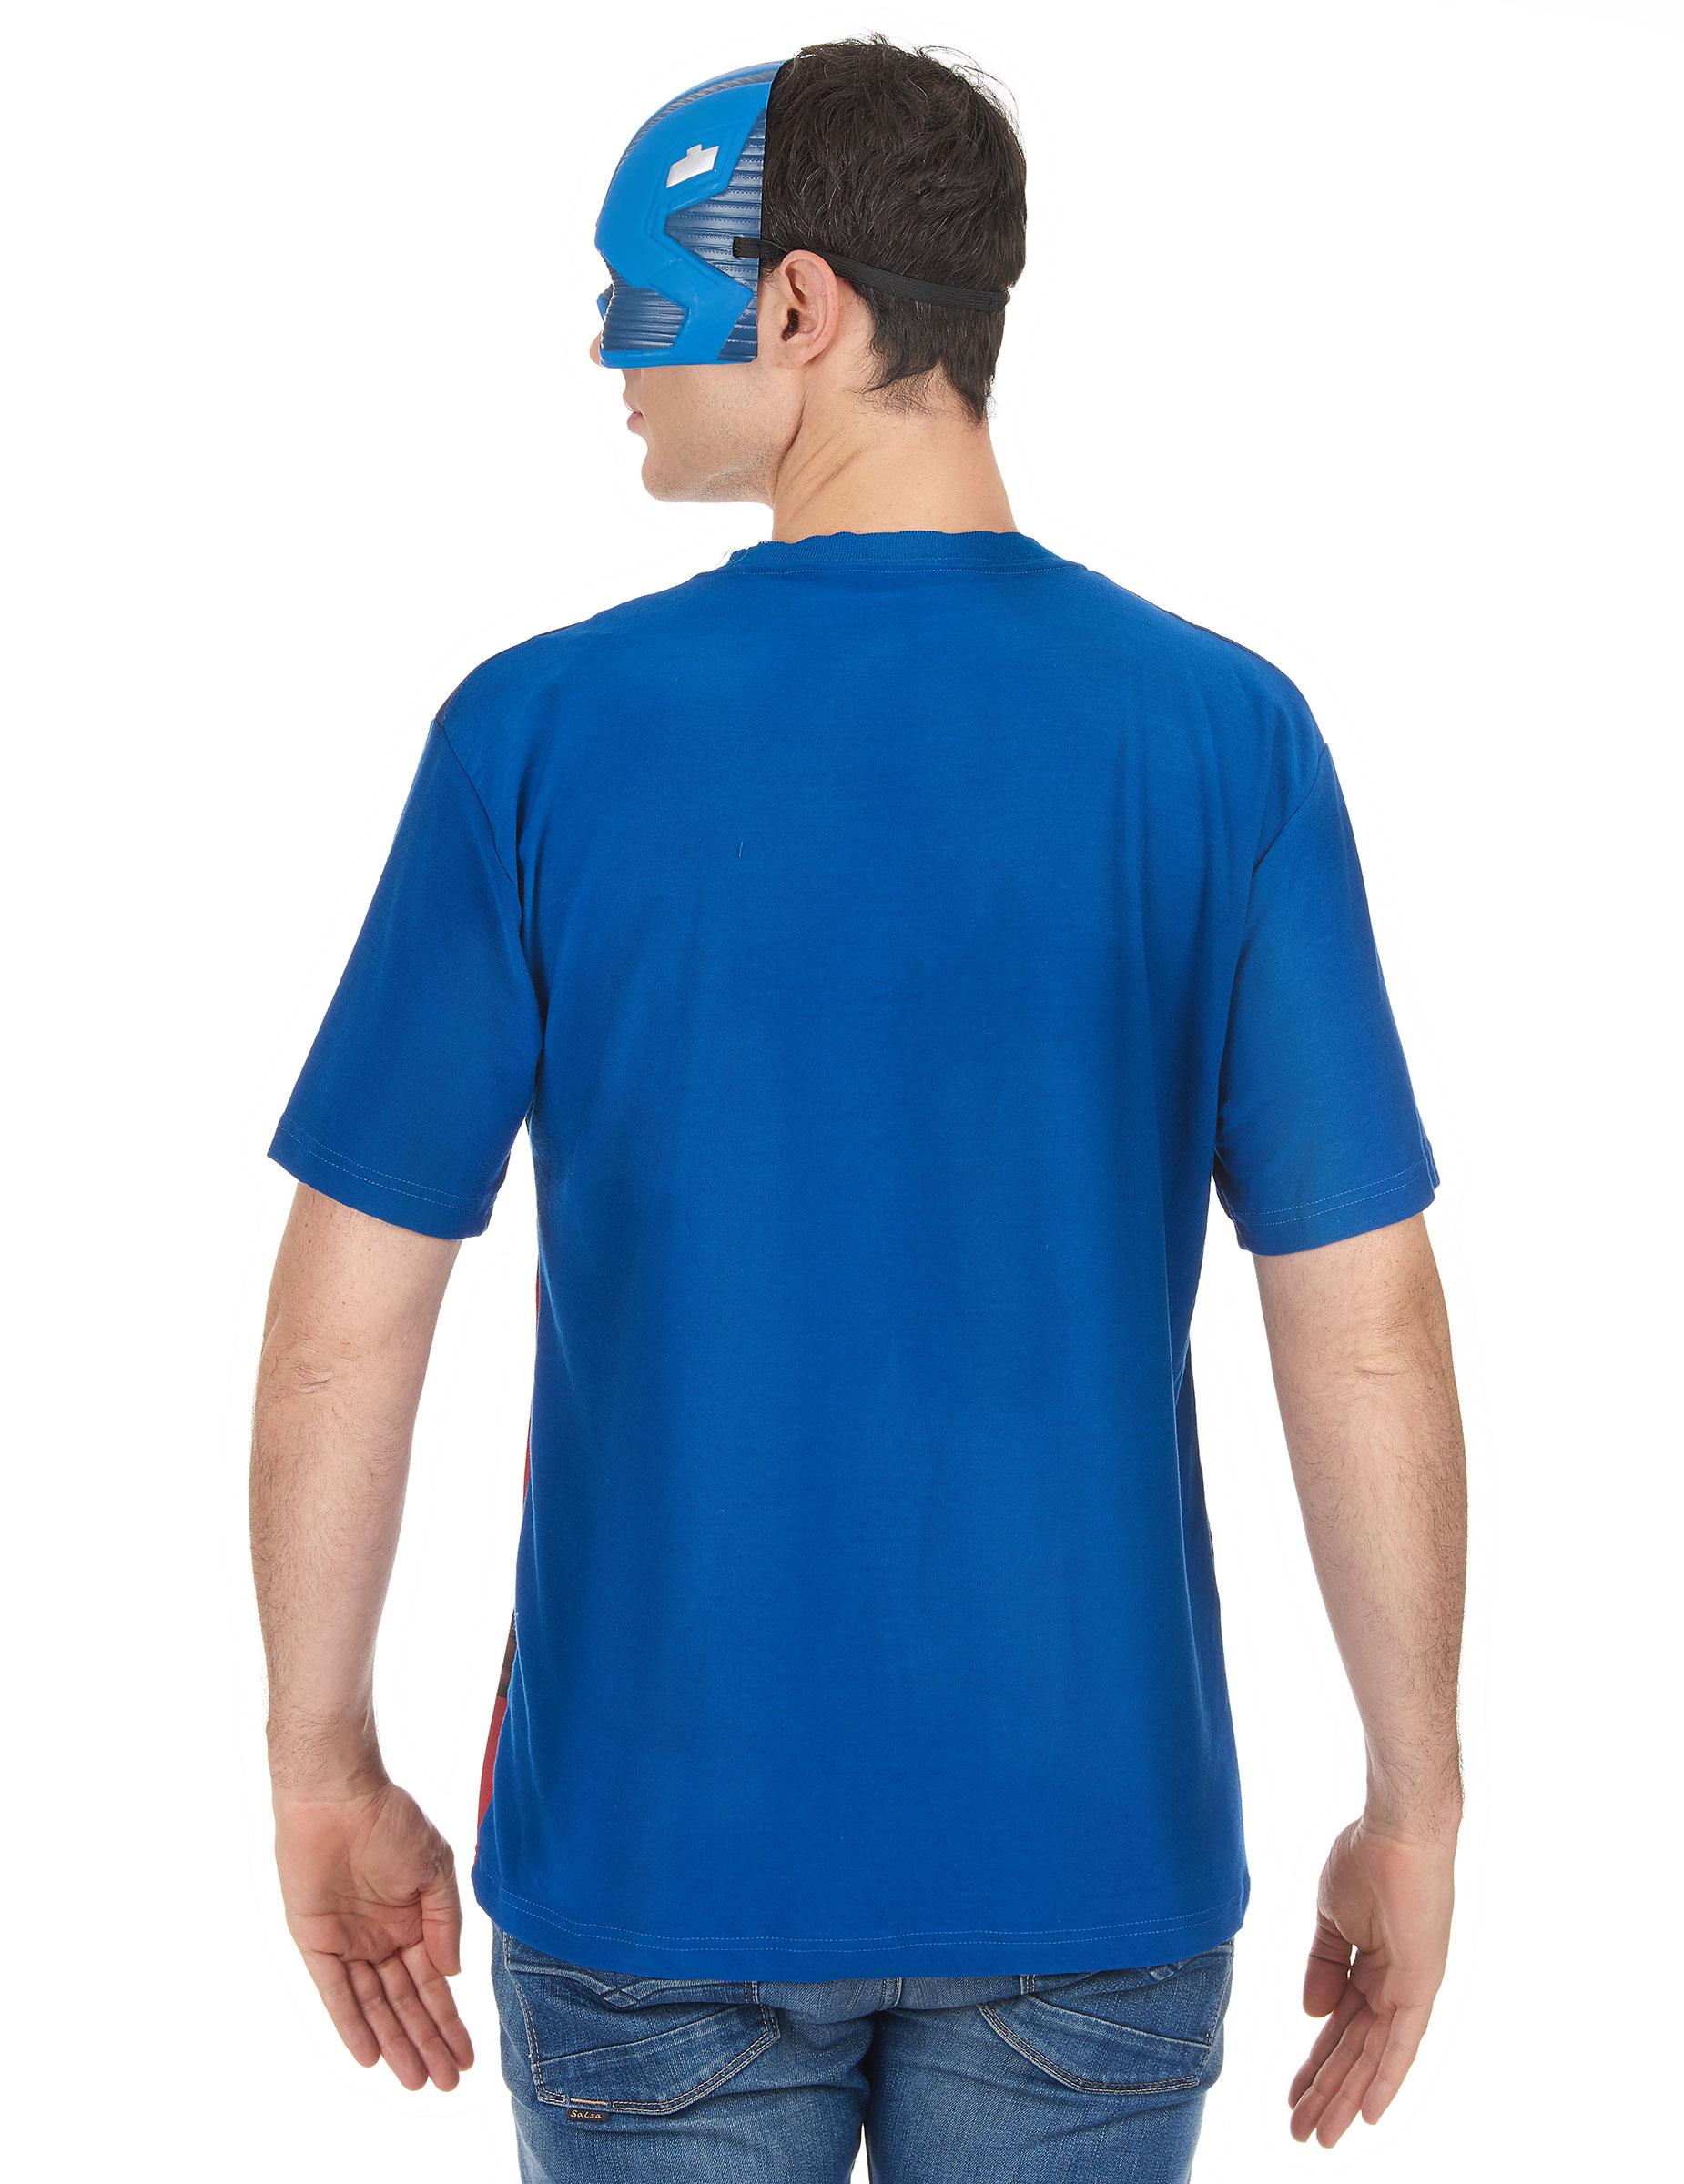 T shirt et masque adulte captain america movie 2 achat de d guisements adultes sur vegaoopro - Masque de captain america ...